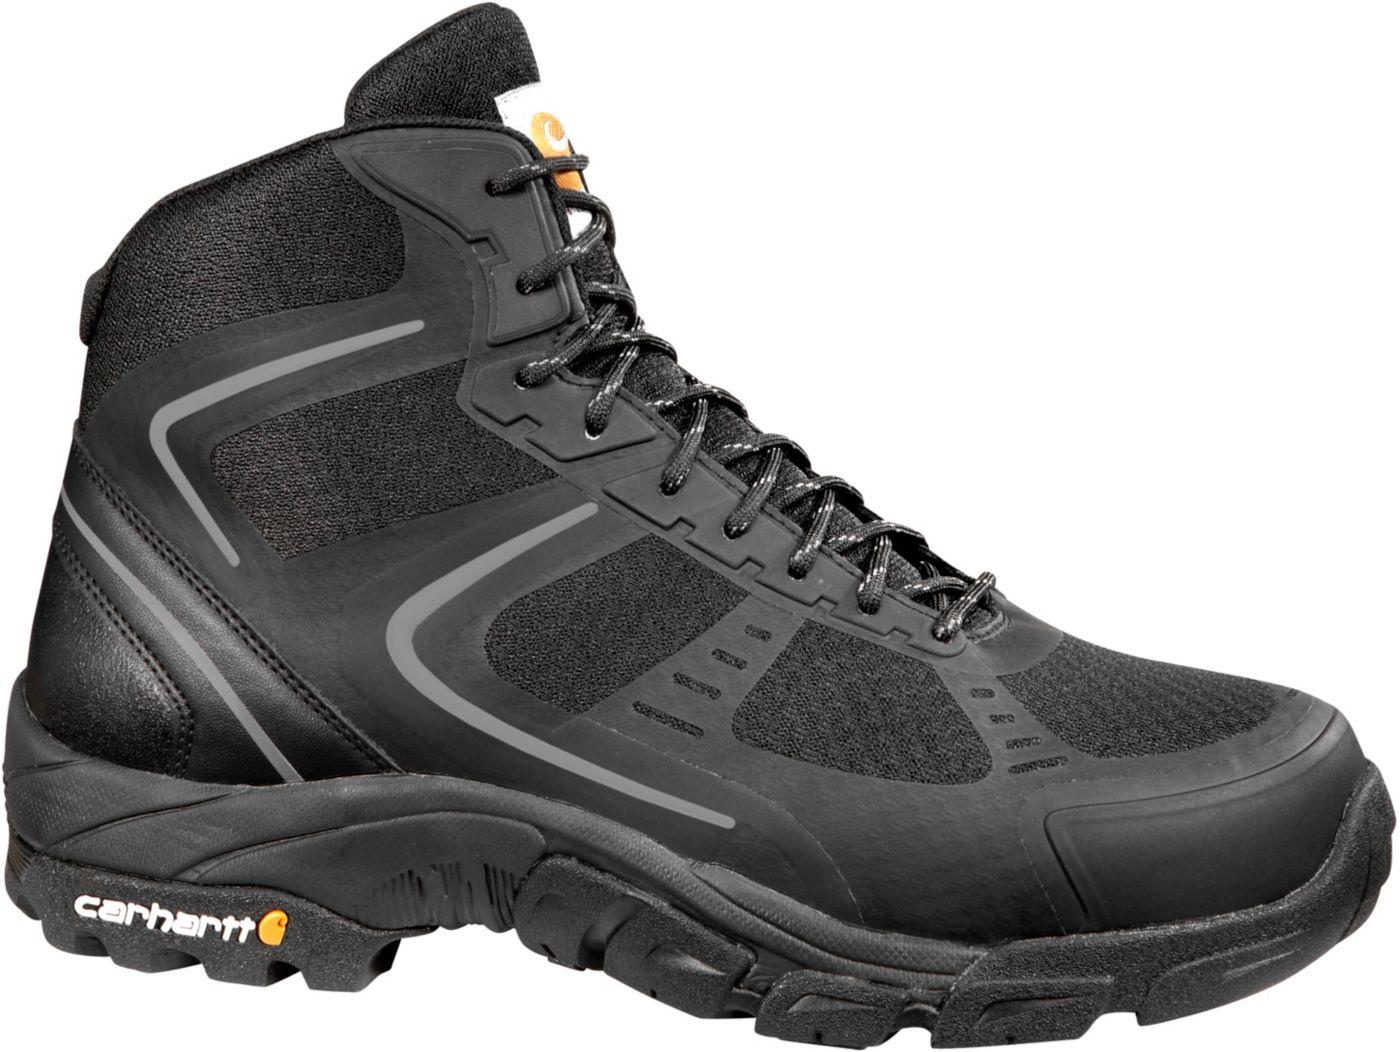 Carhartt Men's Lightweight Hiker Steel Toe Work Boots